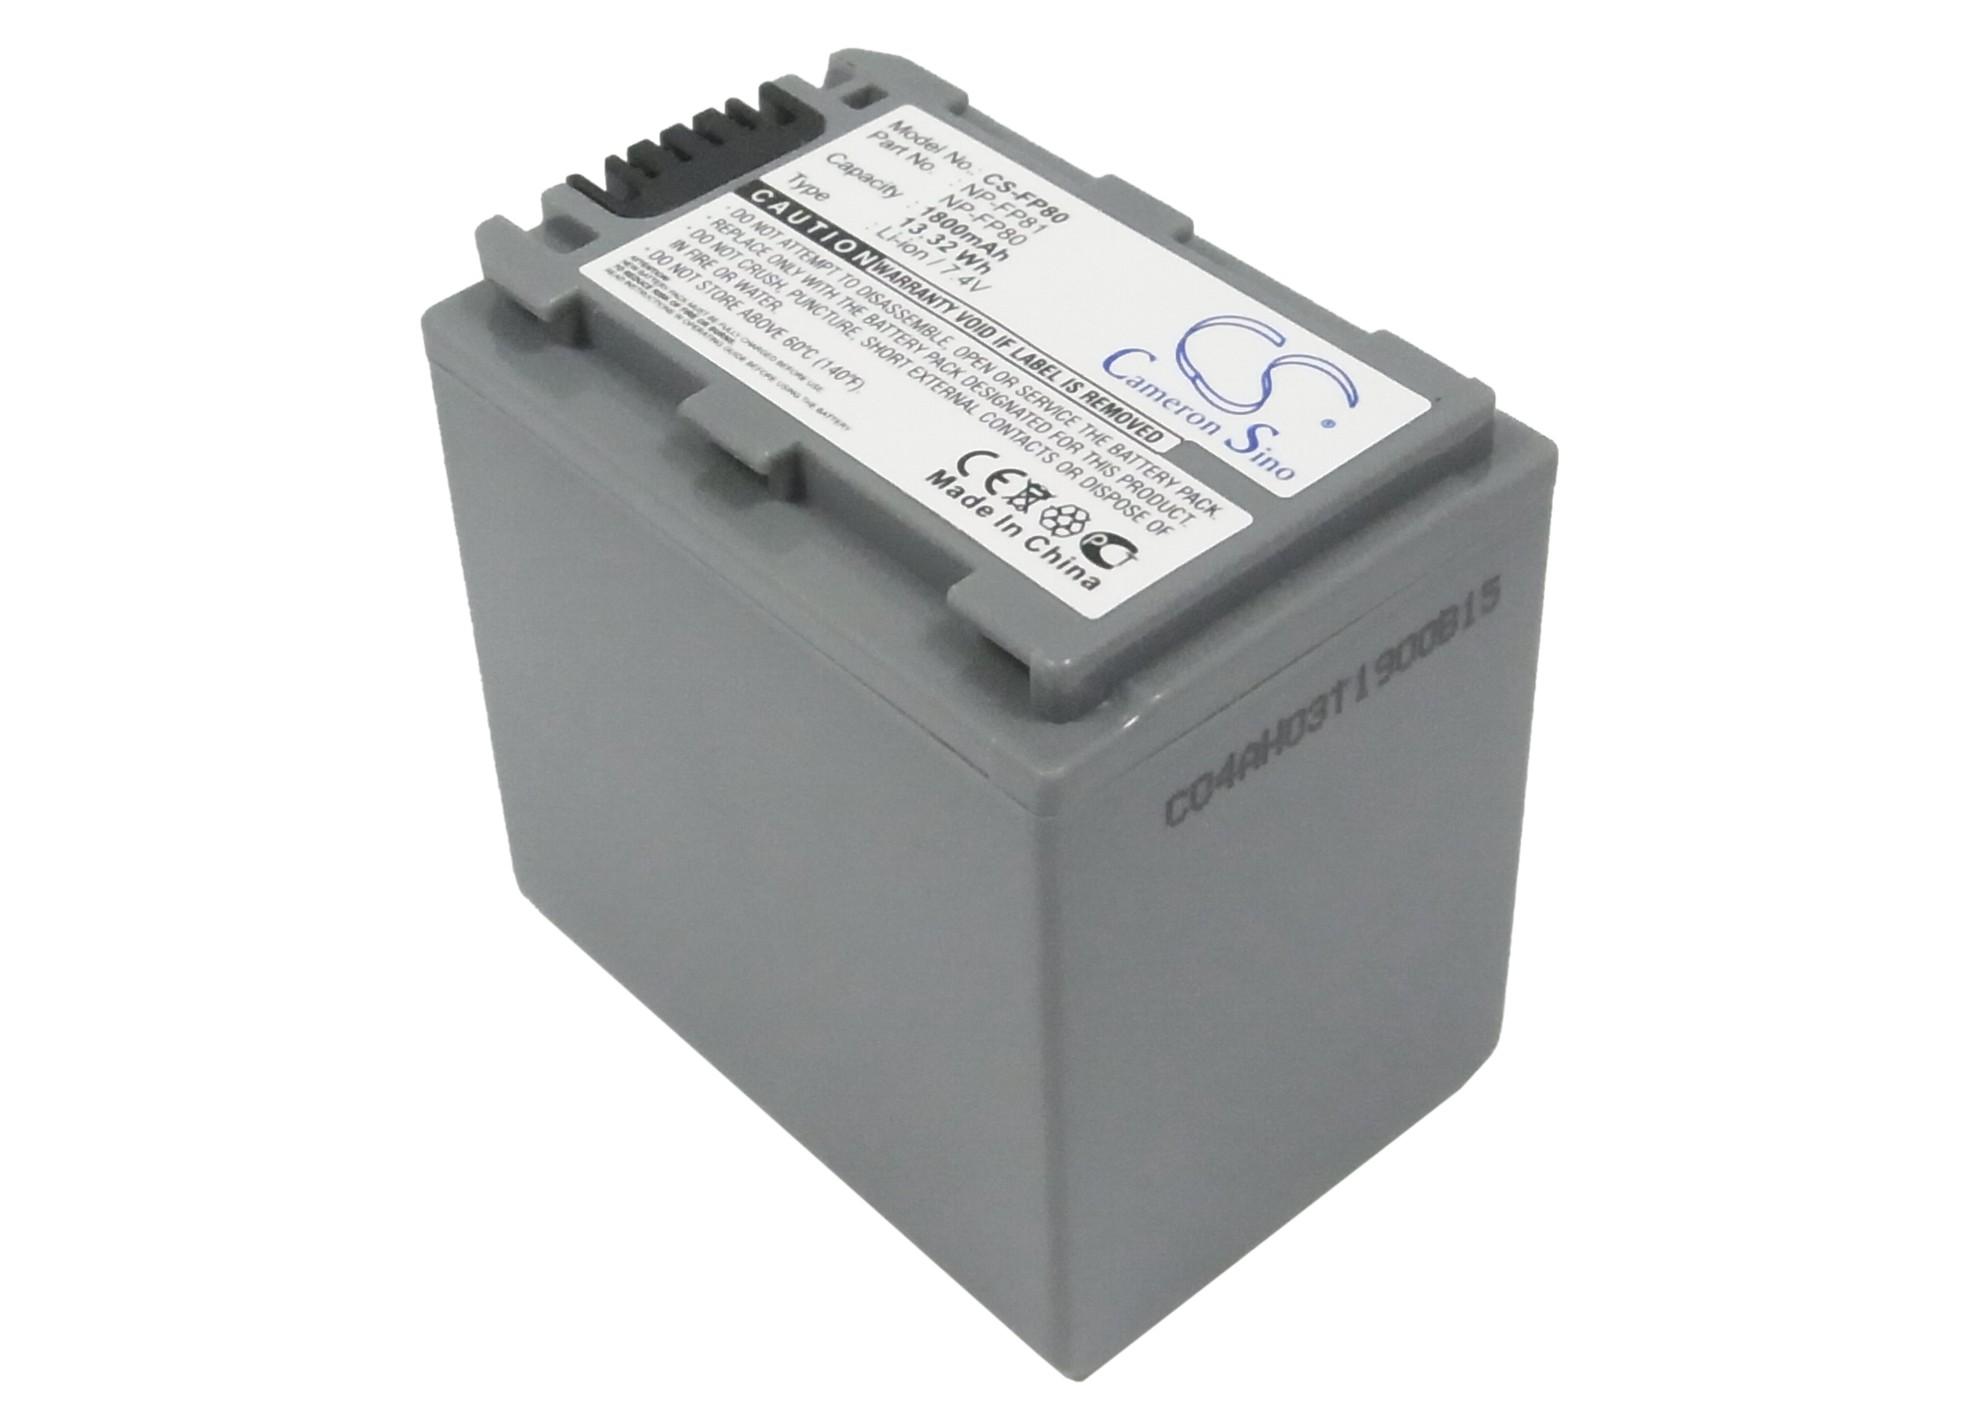 Cameron Sino baterie do kamer a fotoaparátů pro SONY DCR-HC40E 7.4V Li-ion 1800mAh tmavě šedá - neoriginální